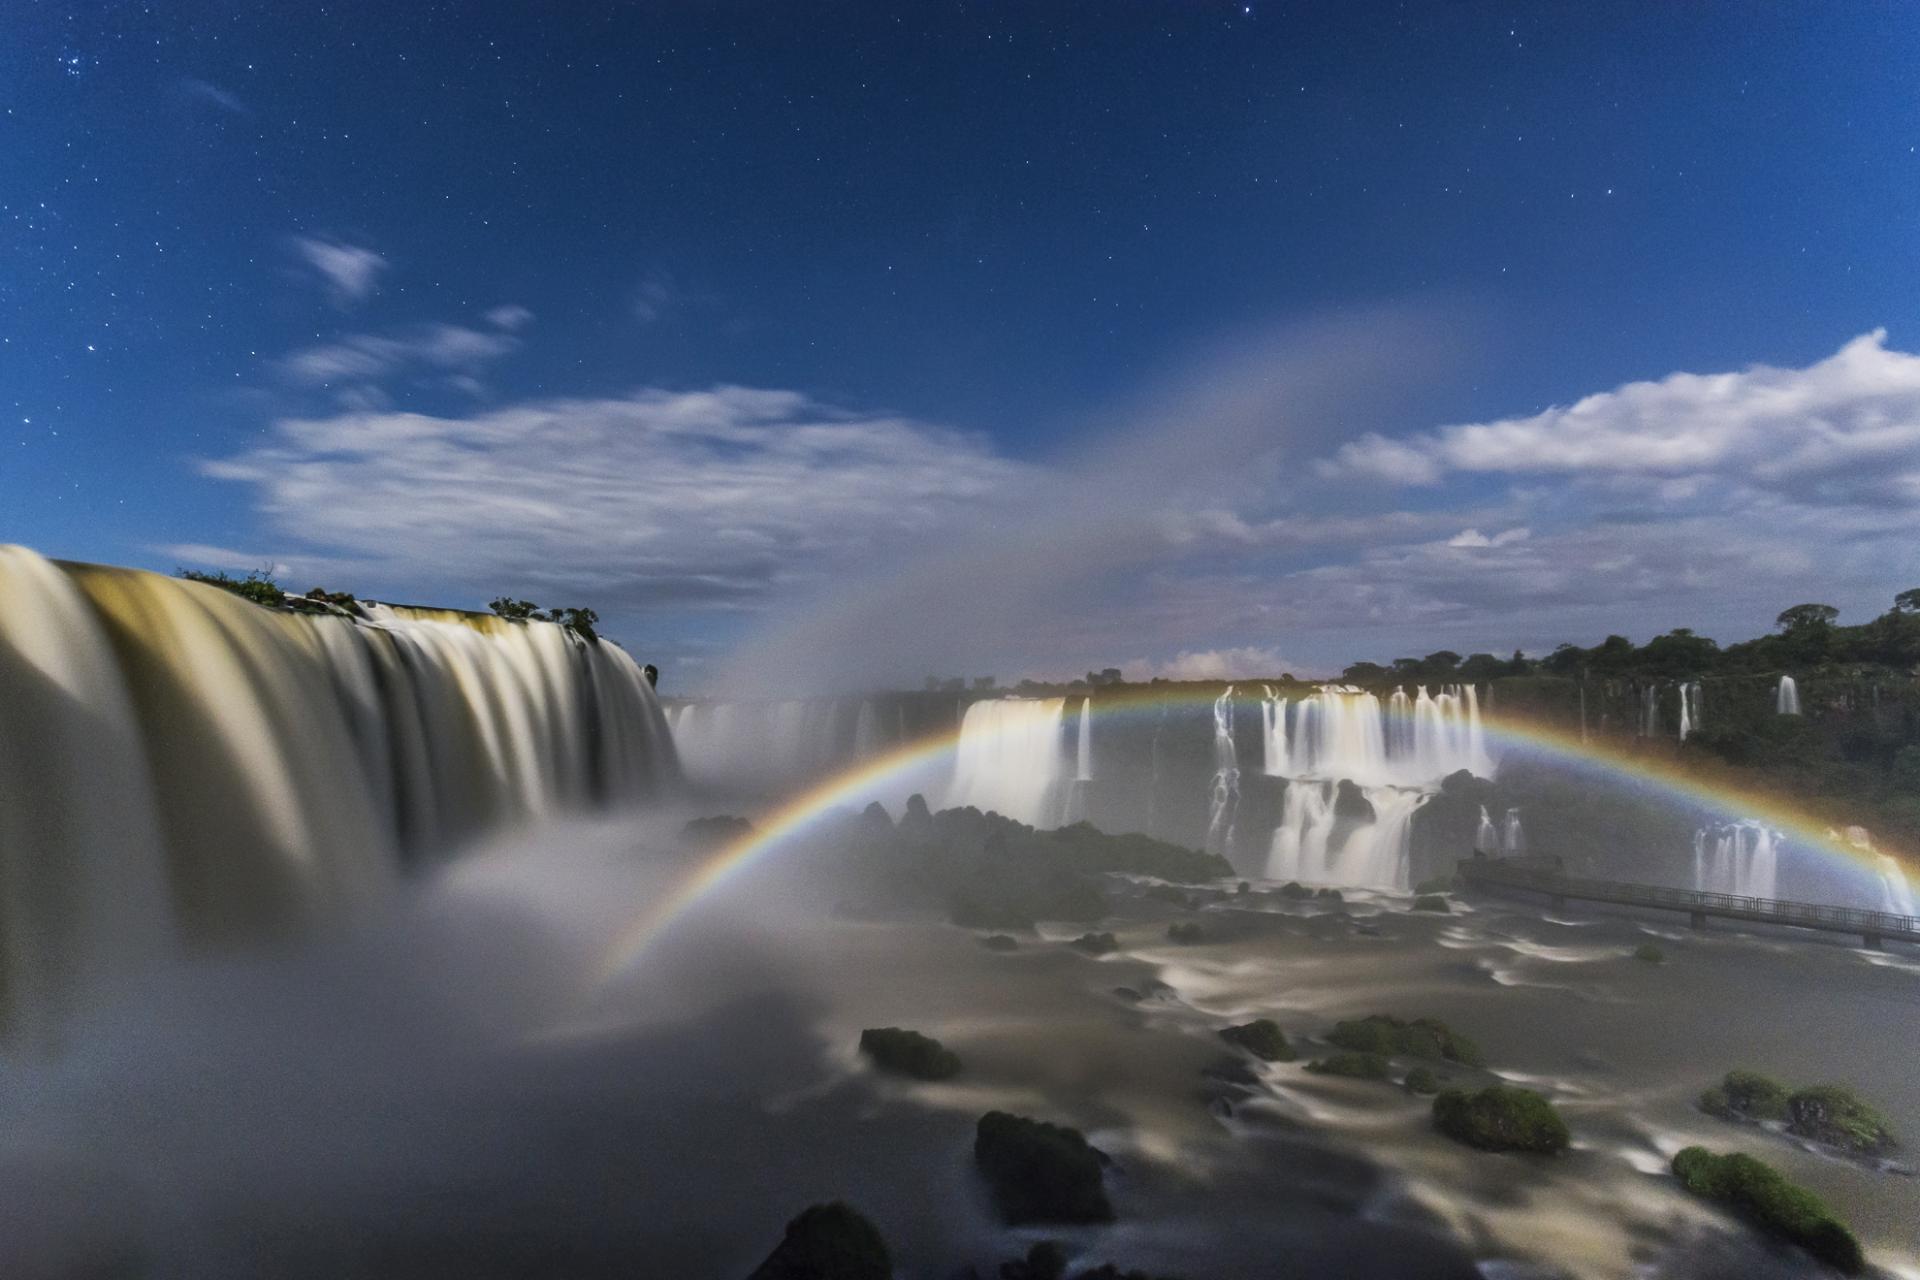 Die imposanten Wasserfaelle von Foz do Iguacu